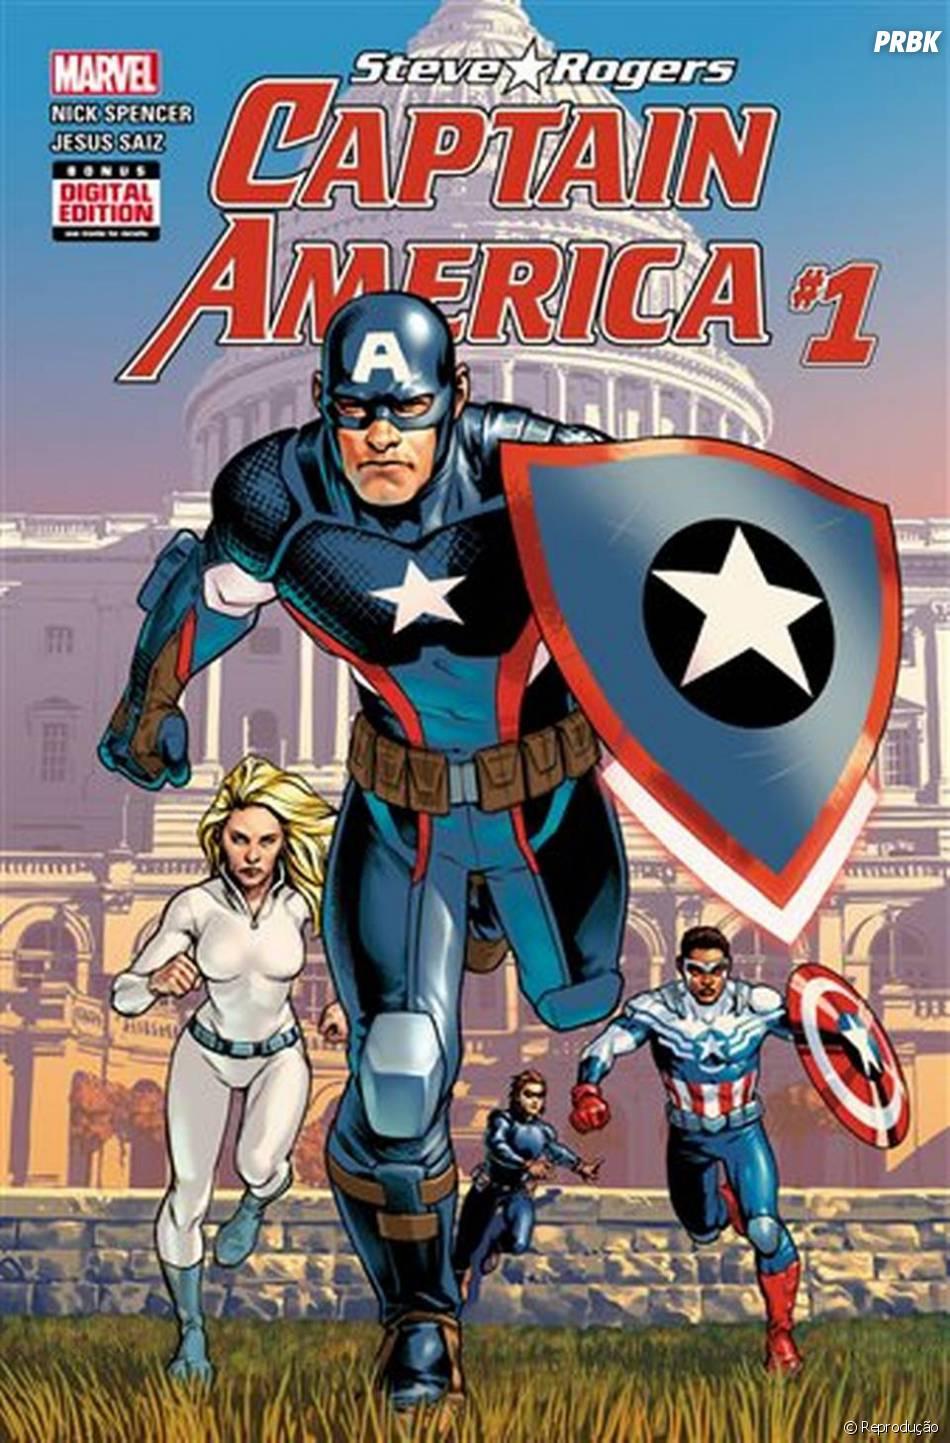 """Em """"Capitão América"""": Steve Rogers pode virar vilão? Editor da HQ explica o """"Hail Hydra"""" dito pelo herói!"""